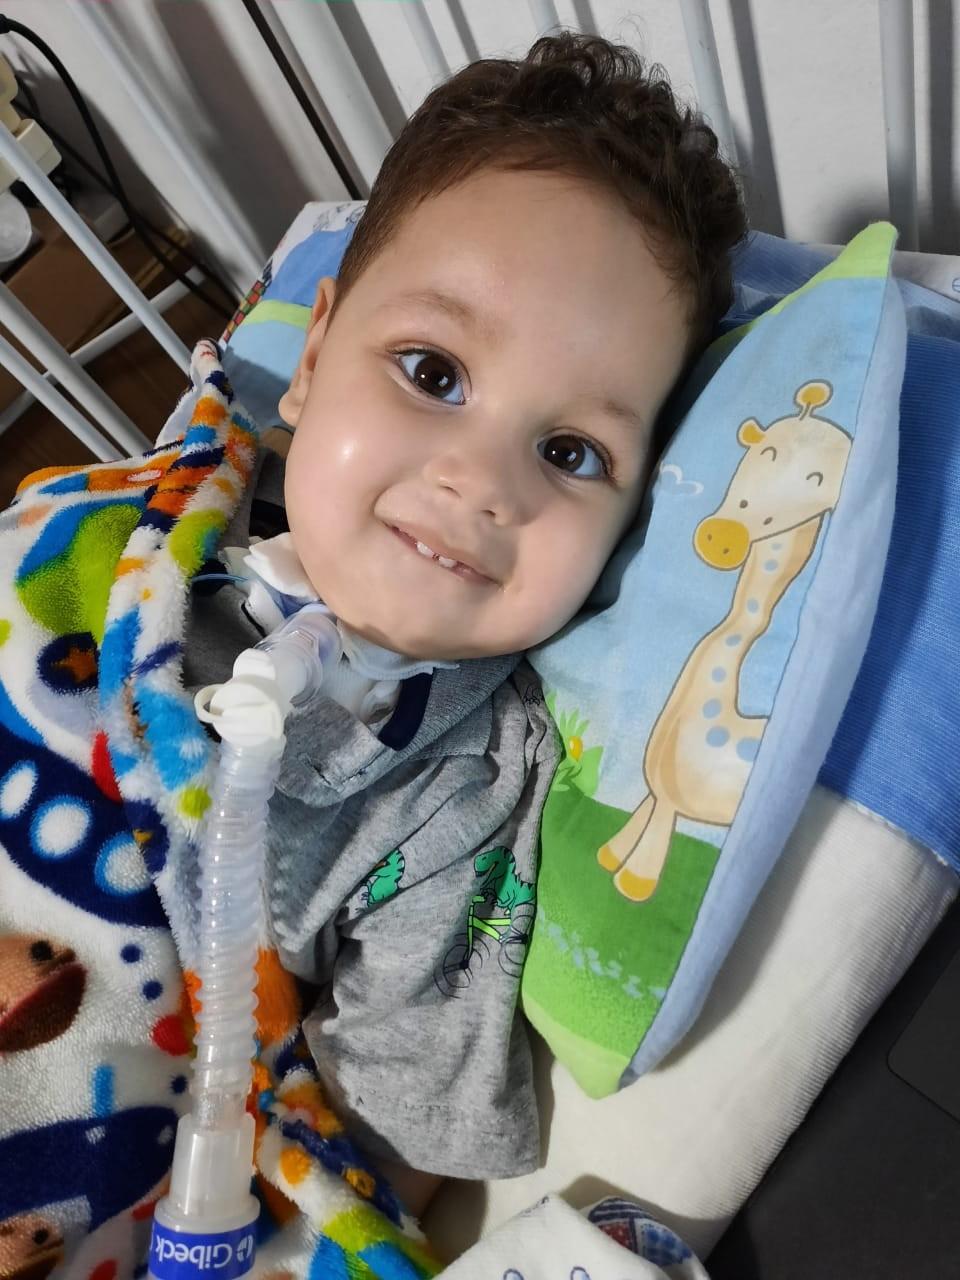 Mãe busca remédio de R$ 12 milhões para salvar vida de bebê em SP: 'Fé'